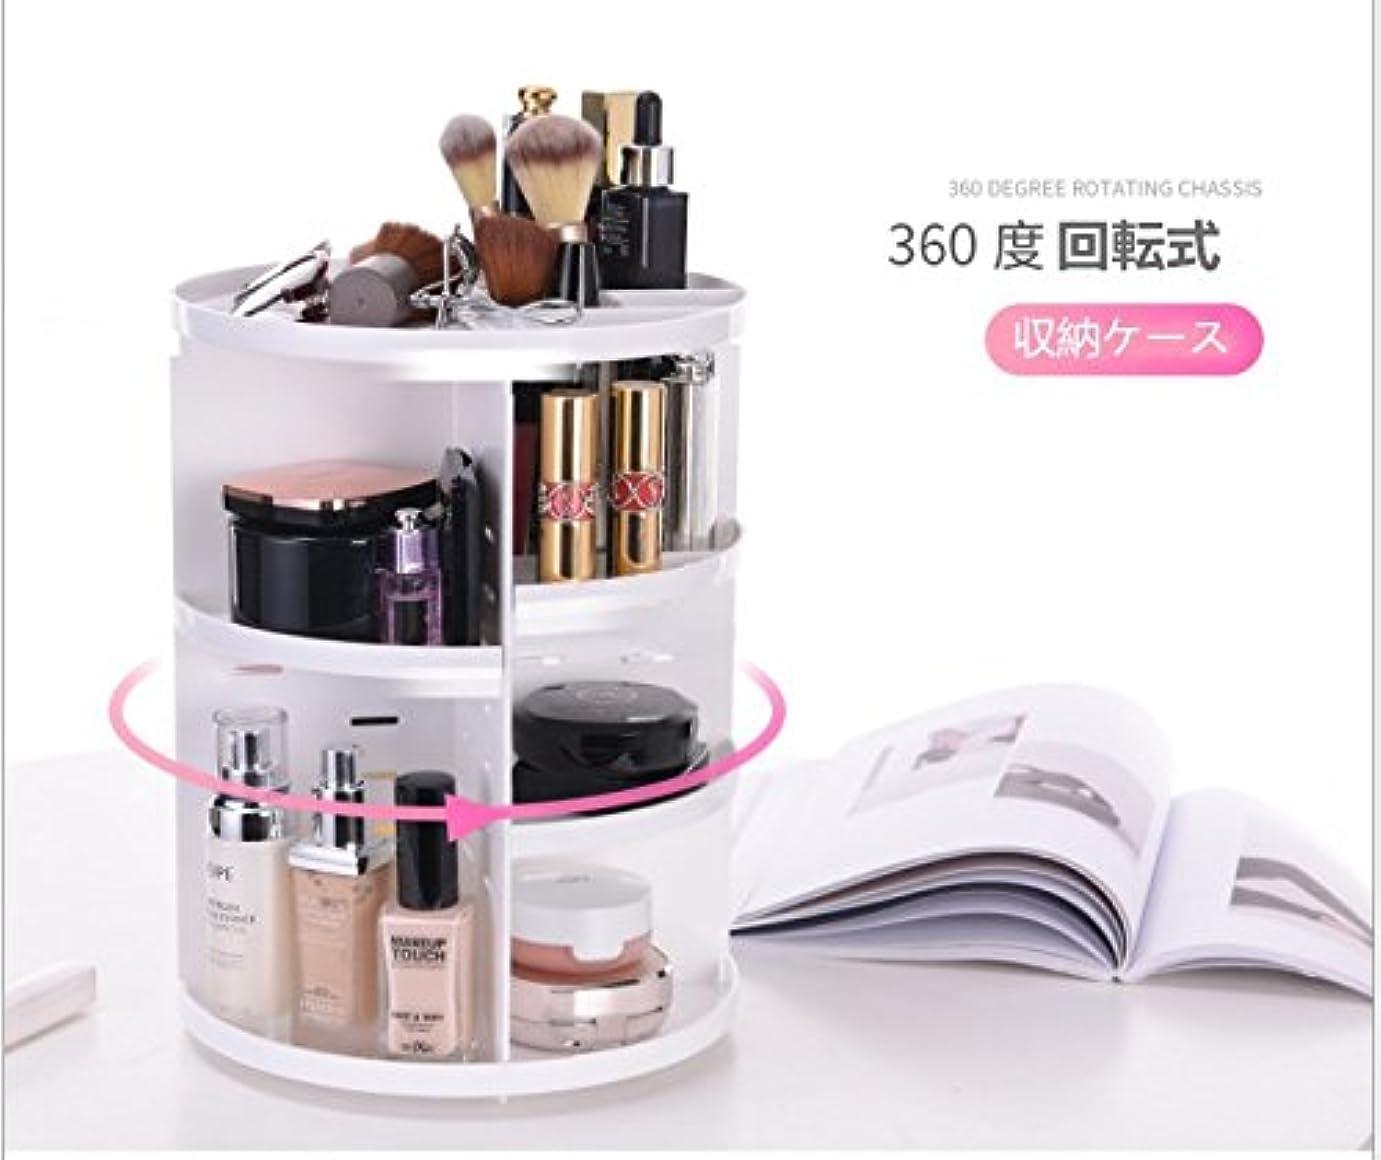 ささいなノベルティピアニストコスメ収納ボックス 化粧品収納ボックス メイクボックス 360度回転式 高さ調節可能 日本語説明書付き ホワイト